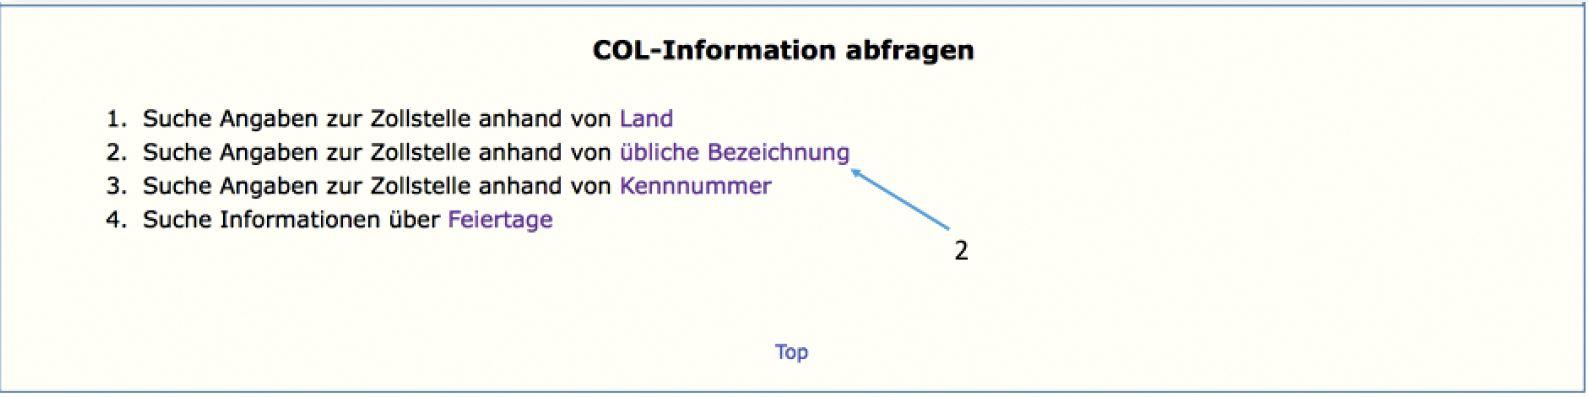 AEO Auskunft - Europäische Kommission Liste der Zollstellen - Abfragekriterium